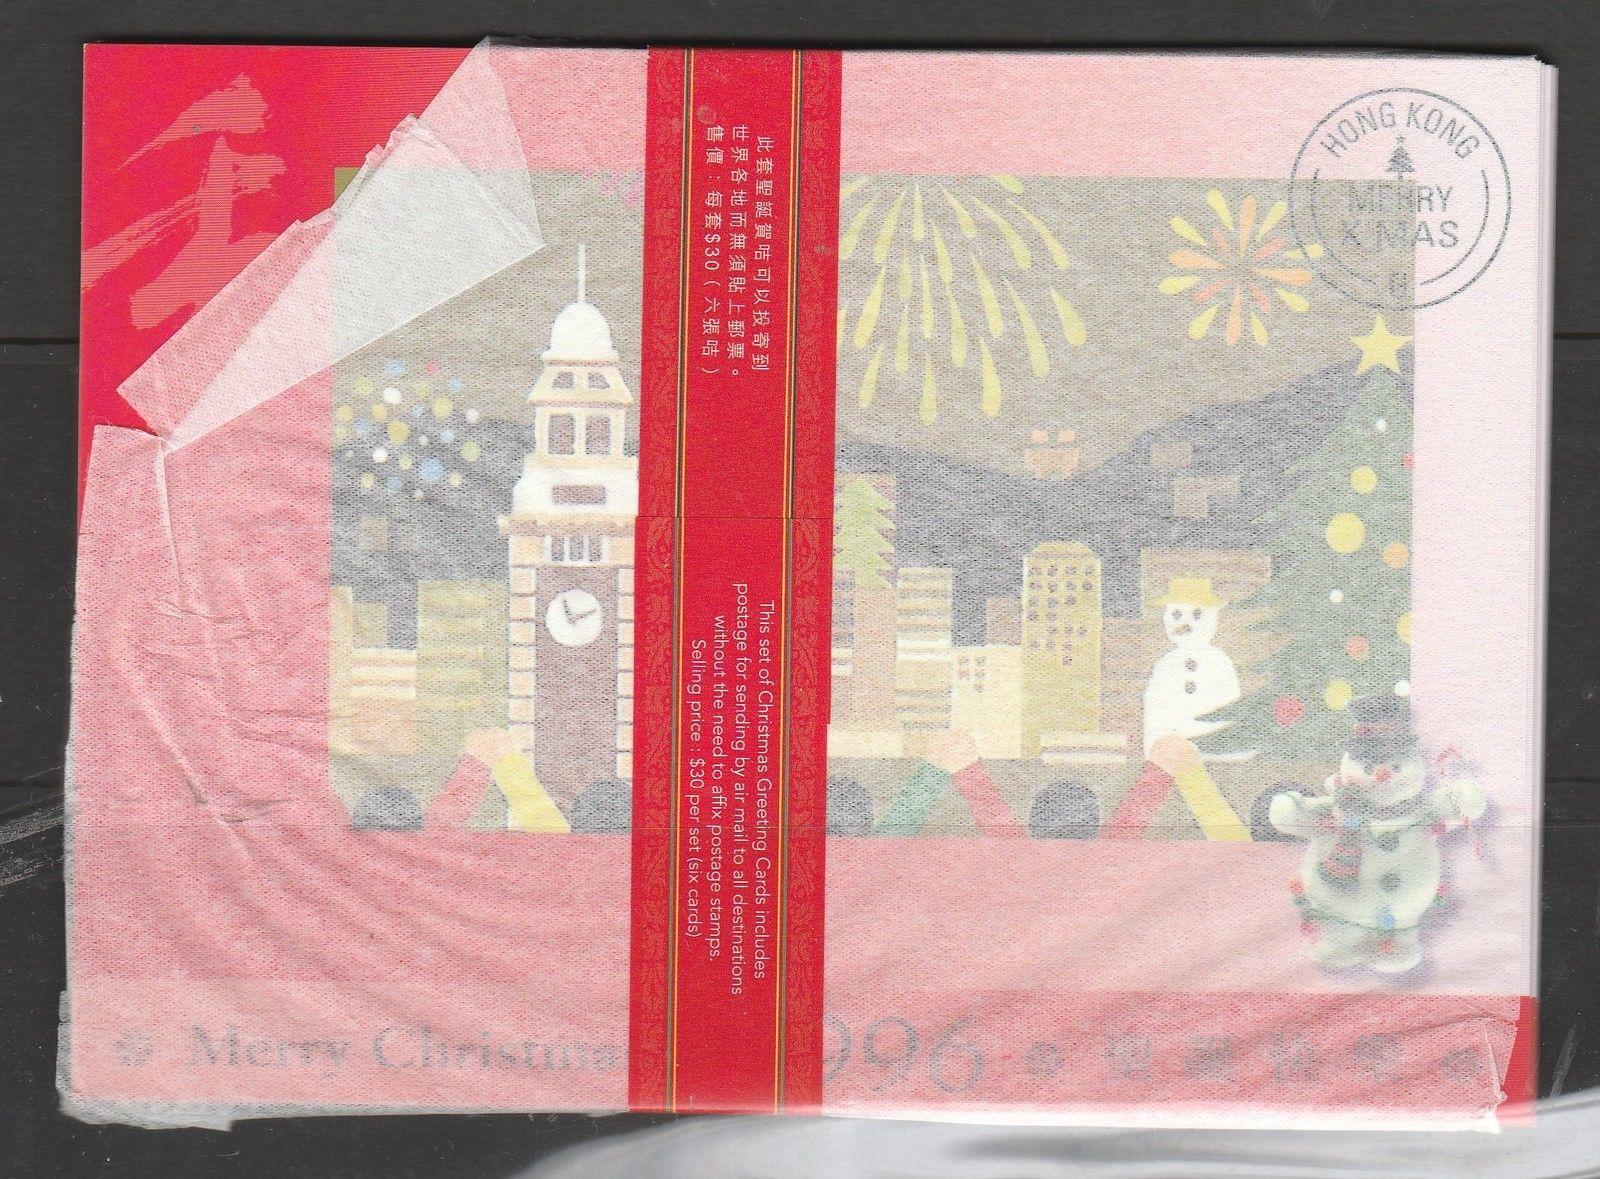 Hong Kong 1996 Christmas Greeting Cards Series 1 Set Of 5 Cards